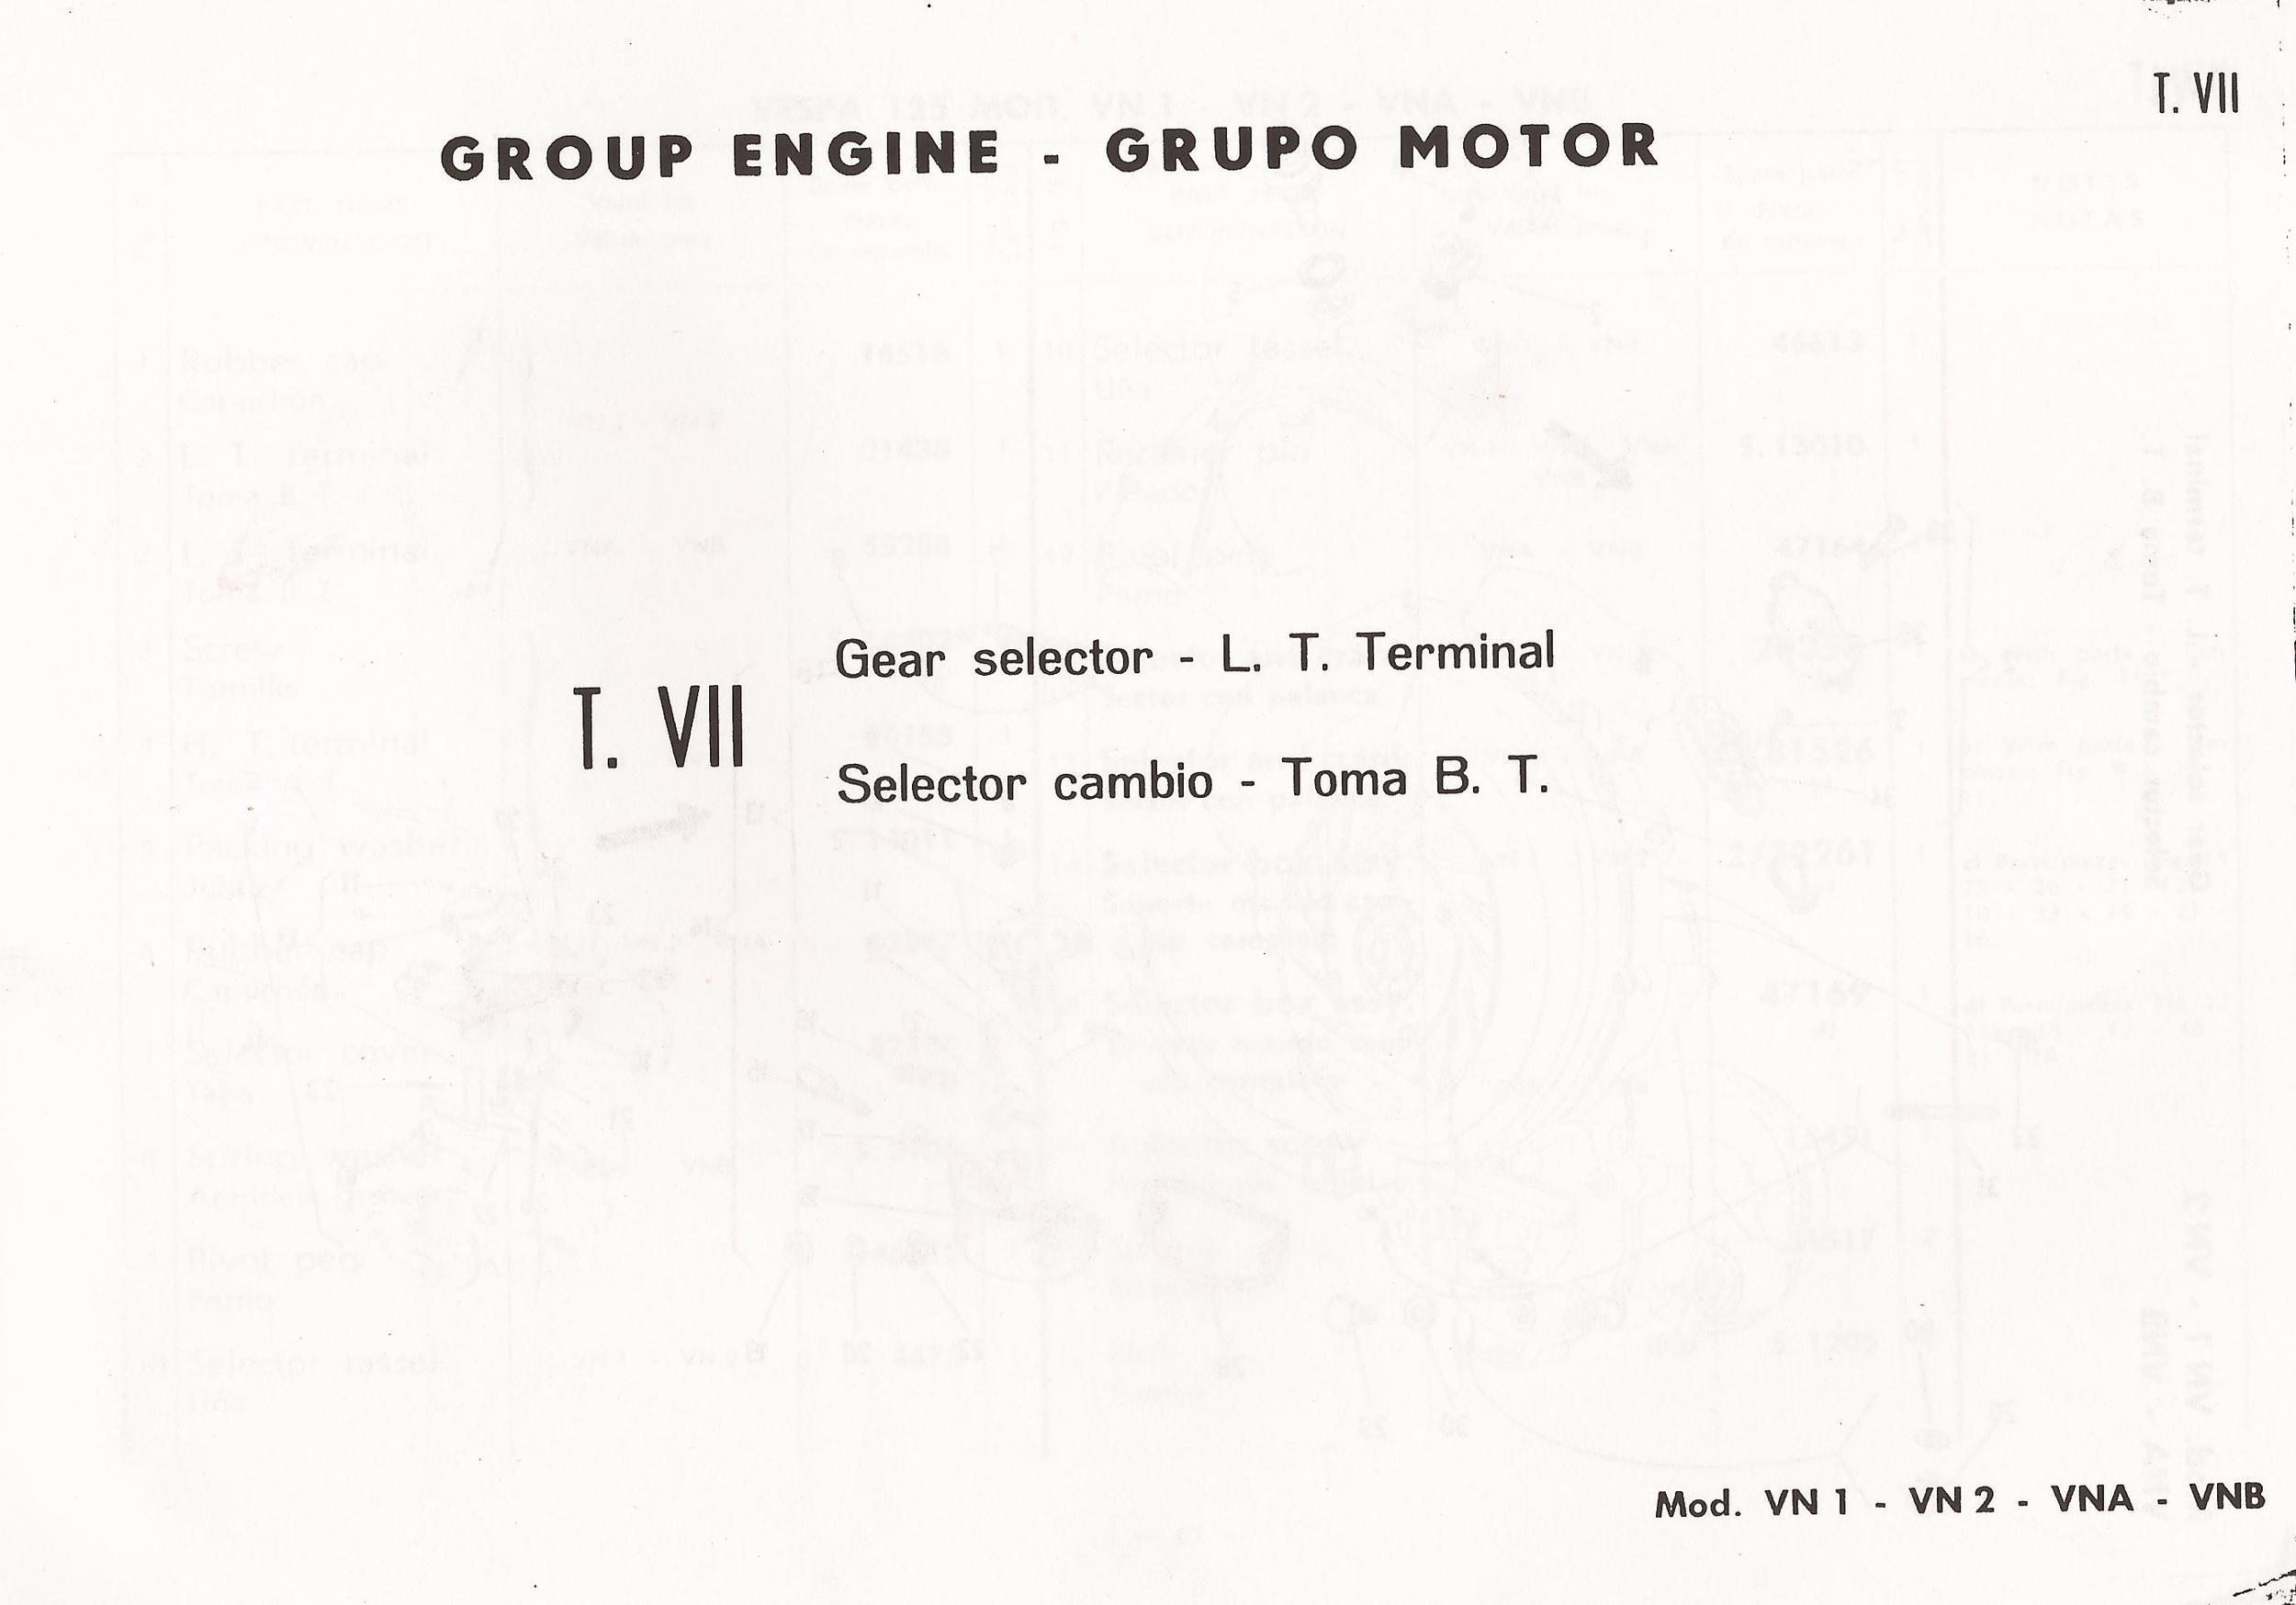 07-16-2013 vespa 125 catalog manuel 69.jpg